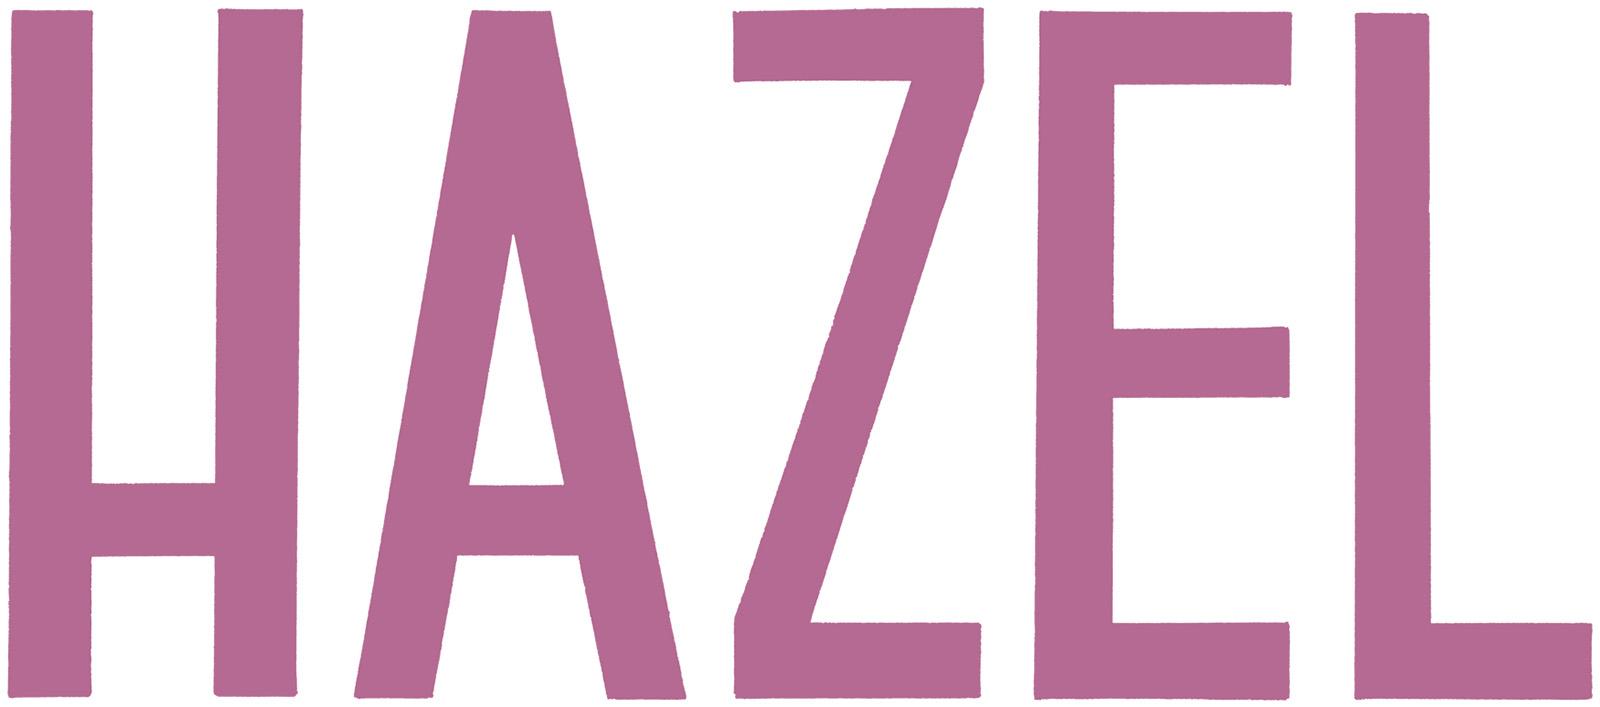 Hazel by Seth title